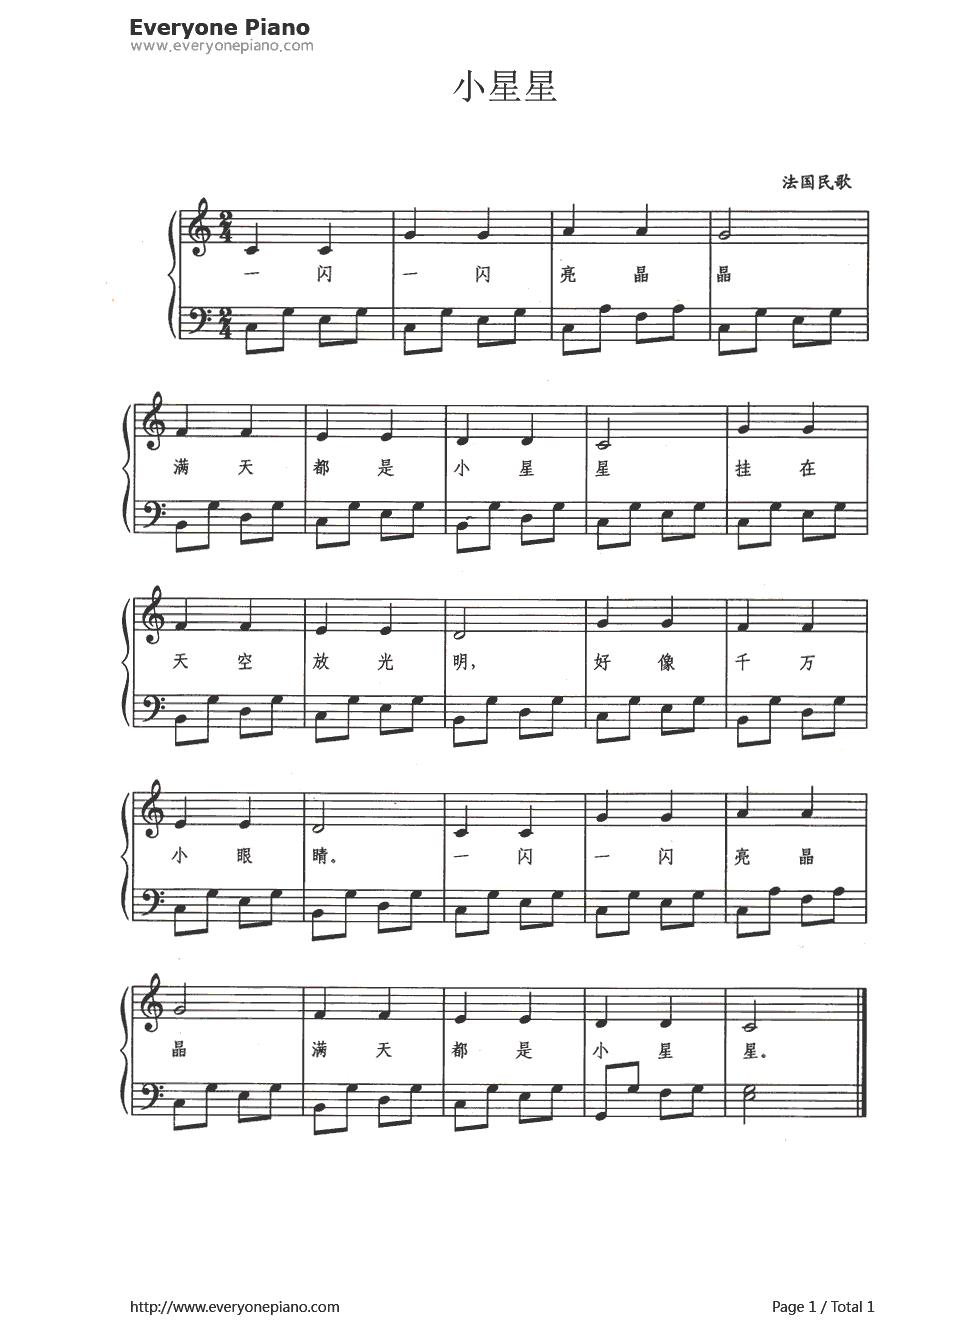 钢琴曲谱 练习曲 小星星(带歌词版) 小星星(带歌词版)五线谱预览1  }